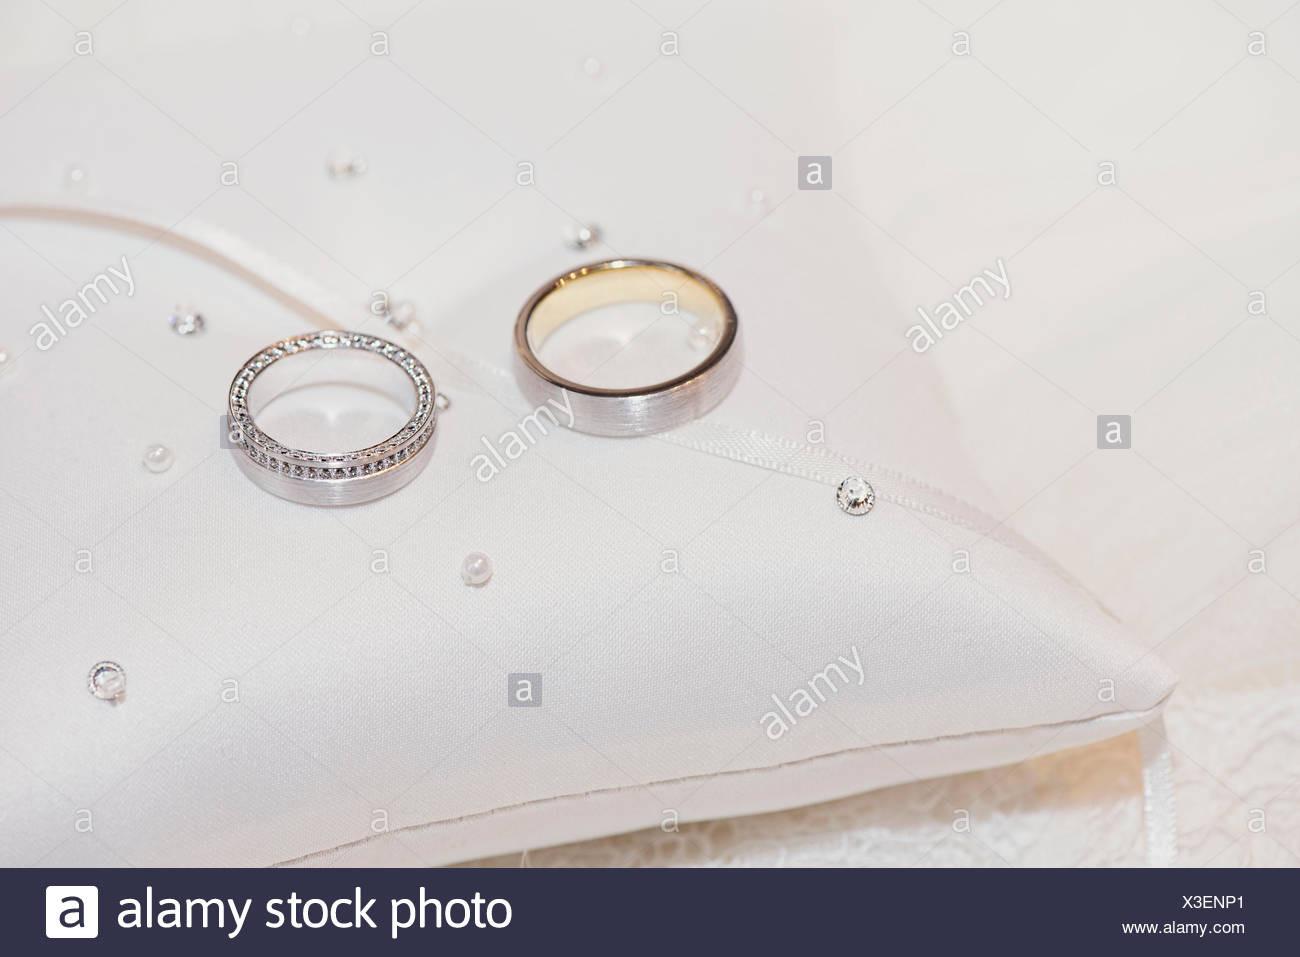 Hochzeit Ringe Aus Gold Und Platin Mit Diamanten Auf Einem